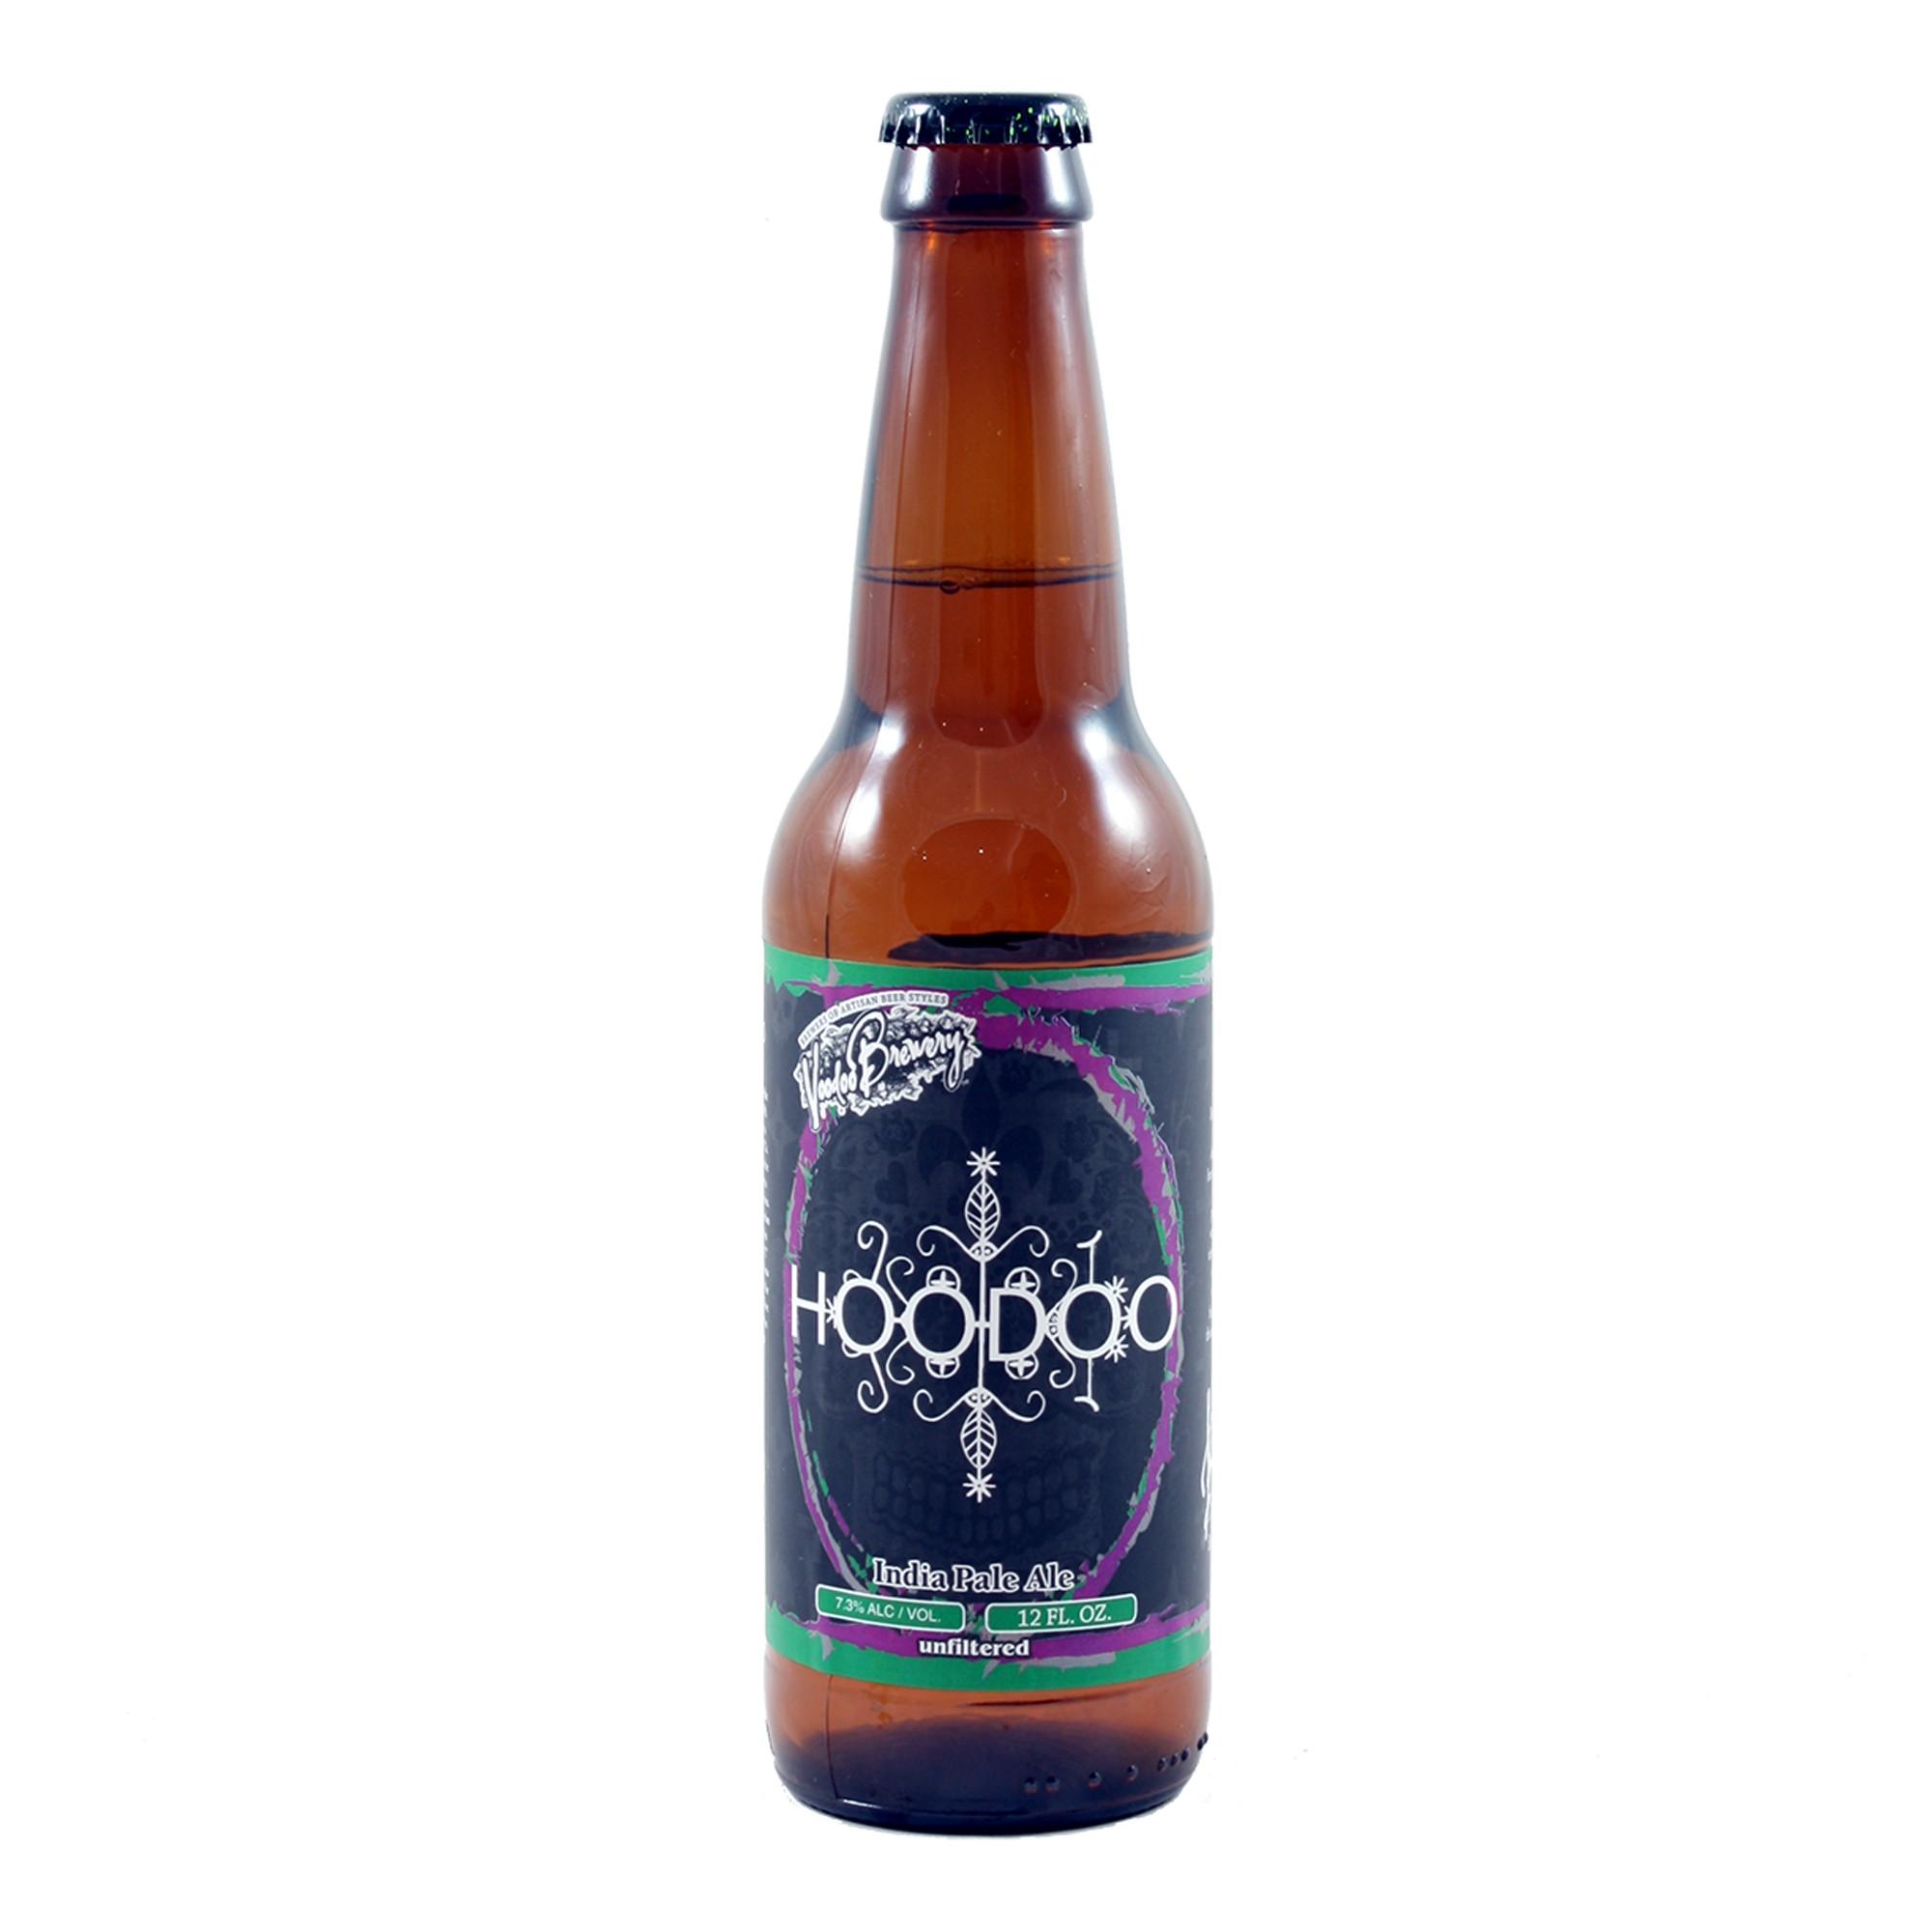 Hoodoo - 35,5 cl